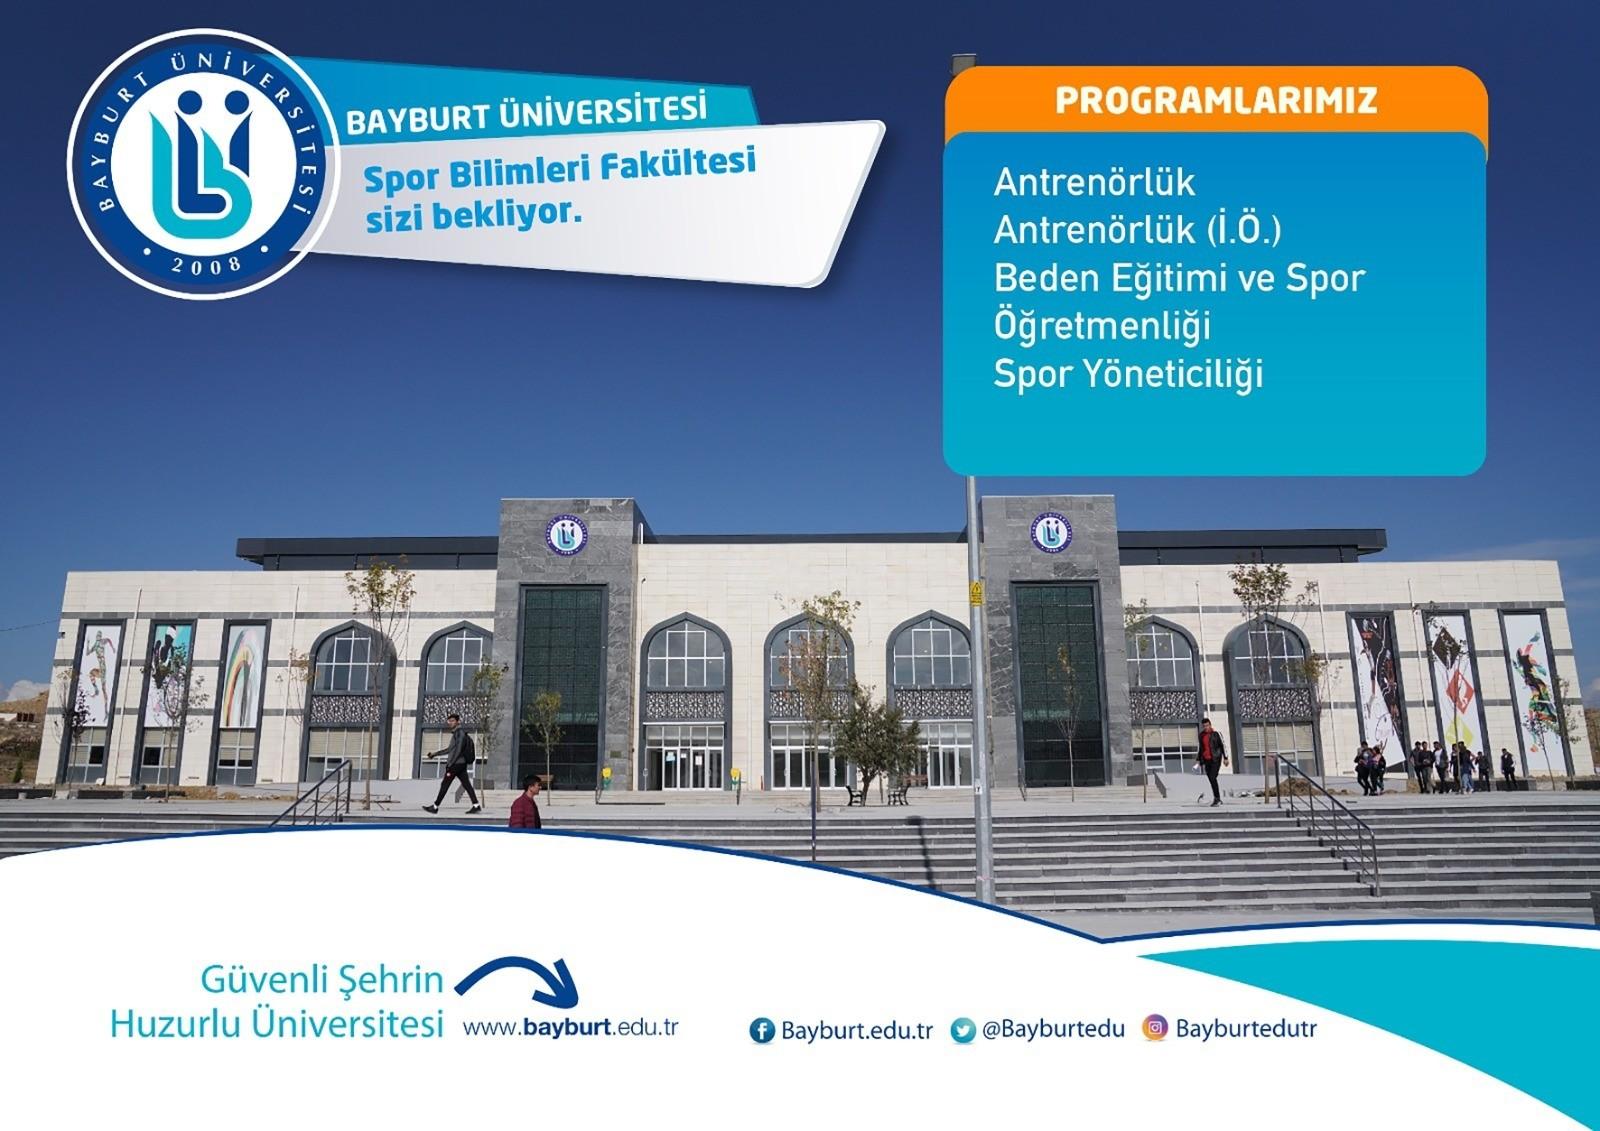 Bayburt Üniversitesi; halter, boks ve ragbi spor branşında pilot üniversite olarak belirlendi